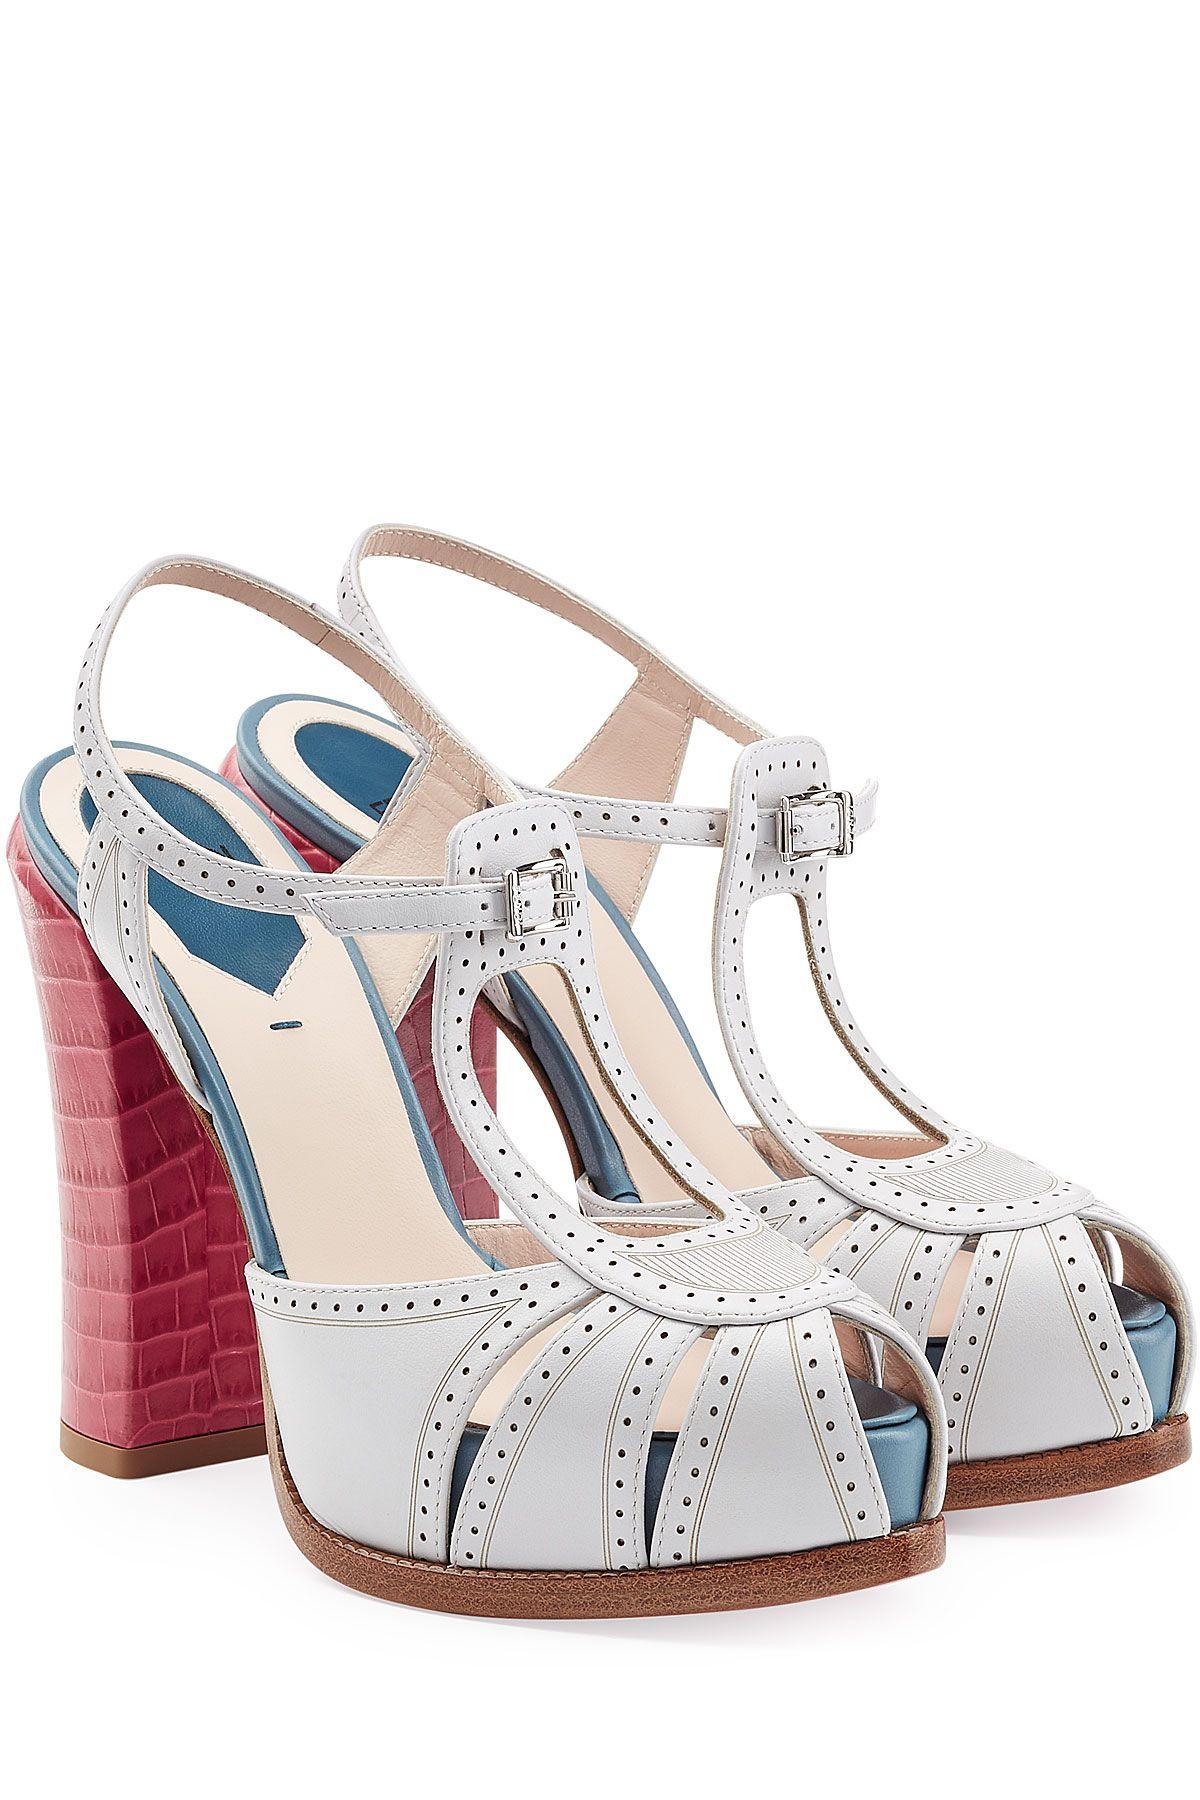 Sandales à talon à plateforme en cuir colorblock de FENDI   La mode de luxe  en ligne   STYLEBOP.com 7f1fbbd3109